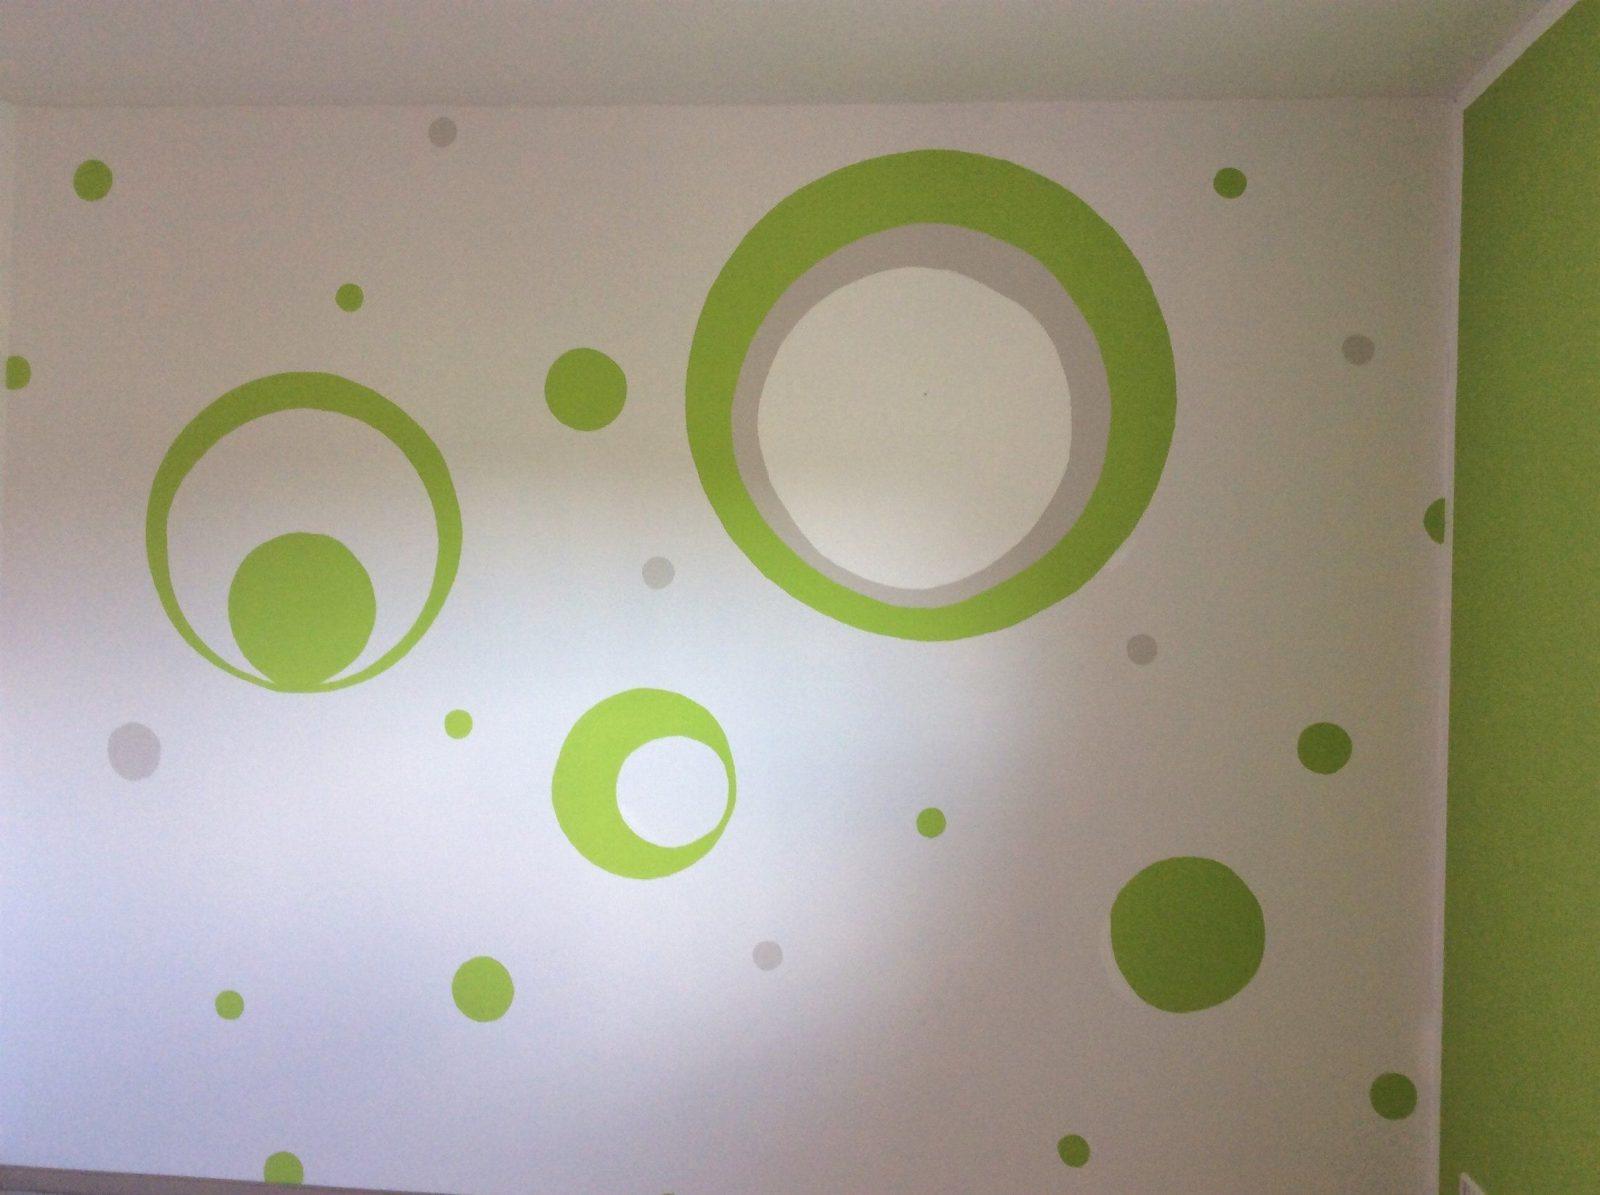 Wandgestaltung Babyzimmer Selber Machen von Wandgestaltung Kinderzimmer Selber Machen Photo